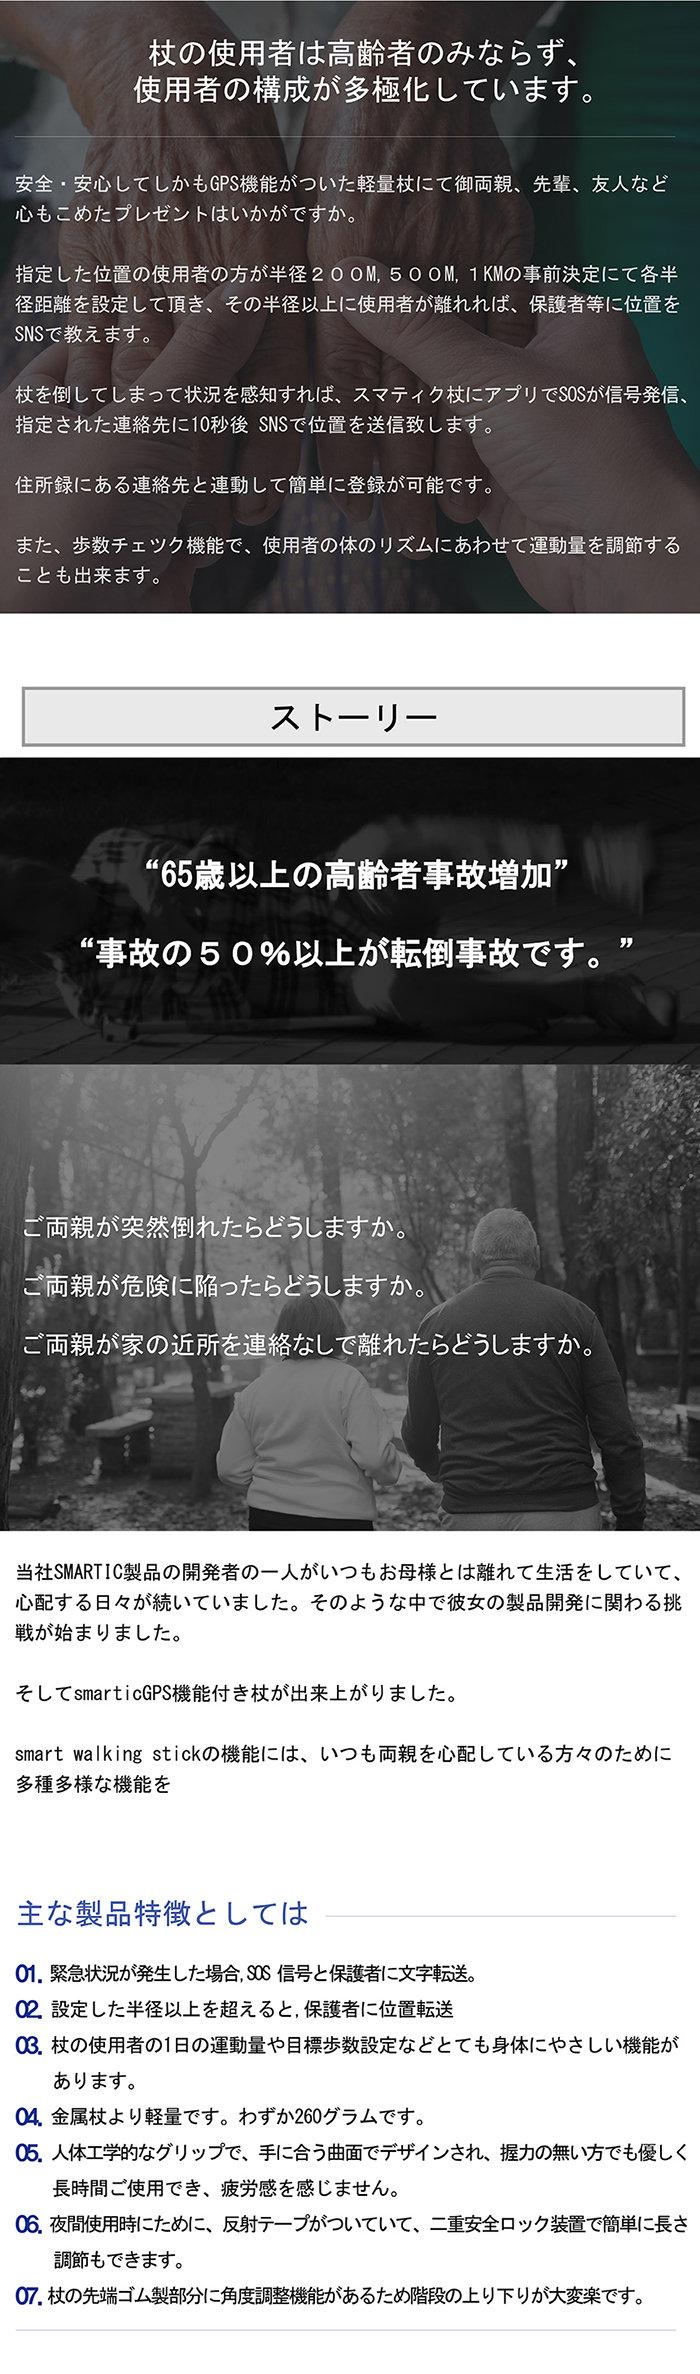 업로드용-수정-01.jpg